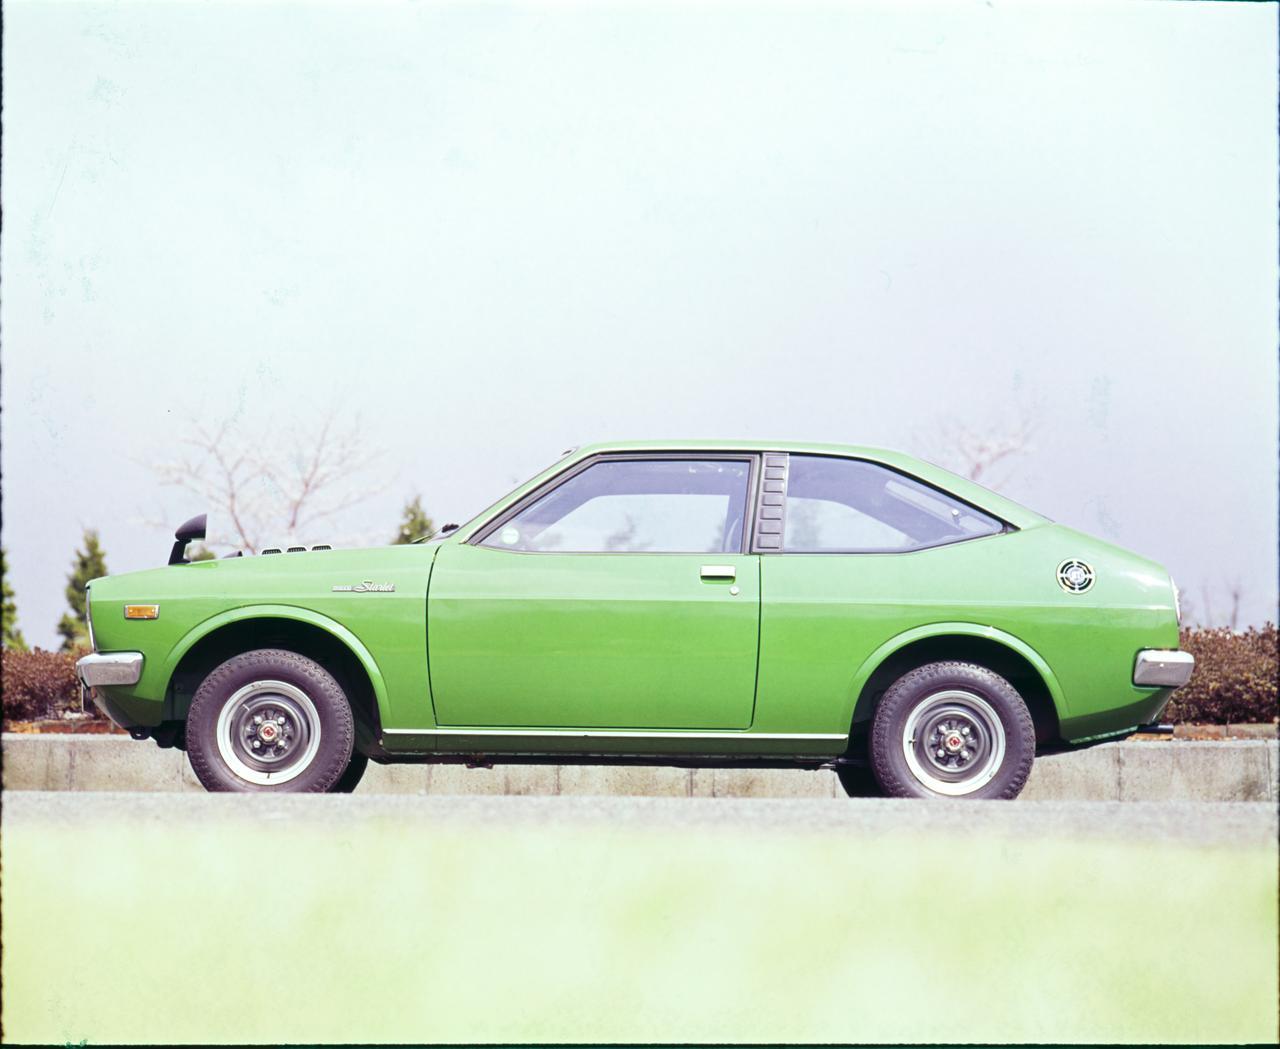 Images : 4番目の画像 - 「【今日は何の日?】初代パブリカスターレット発売「初代スターレットはクーペスタイルだった」46年前 1973年4月11日」のアルバム - Webモーターマガジン